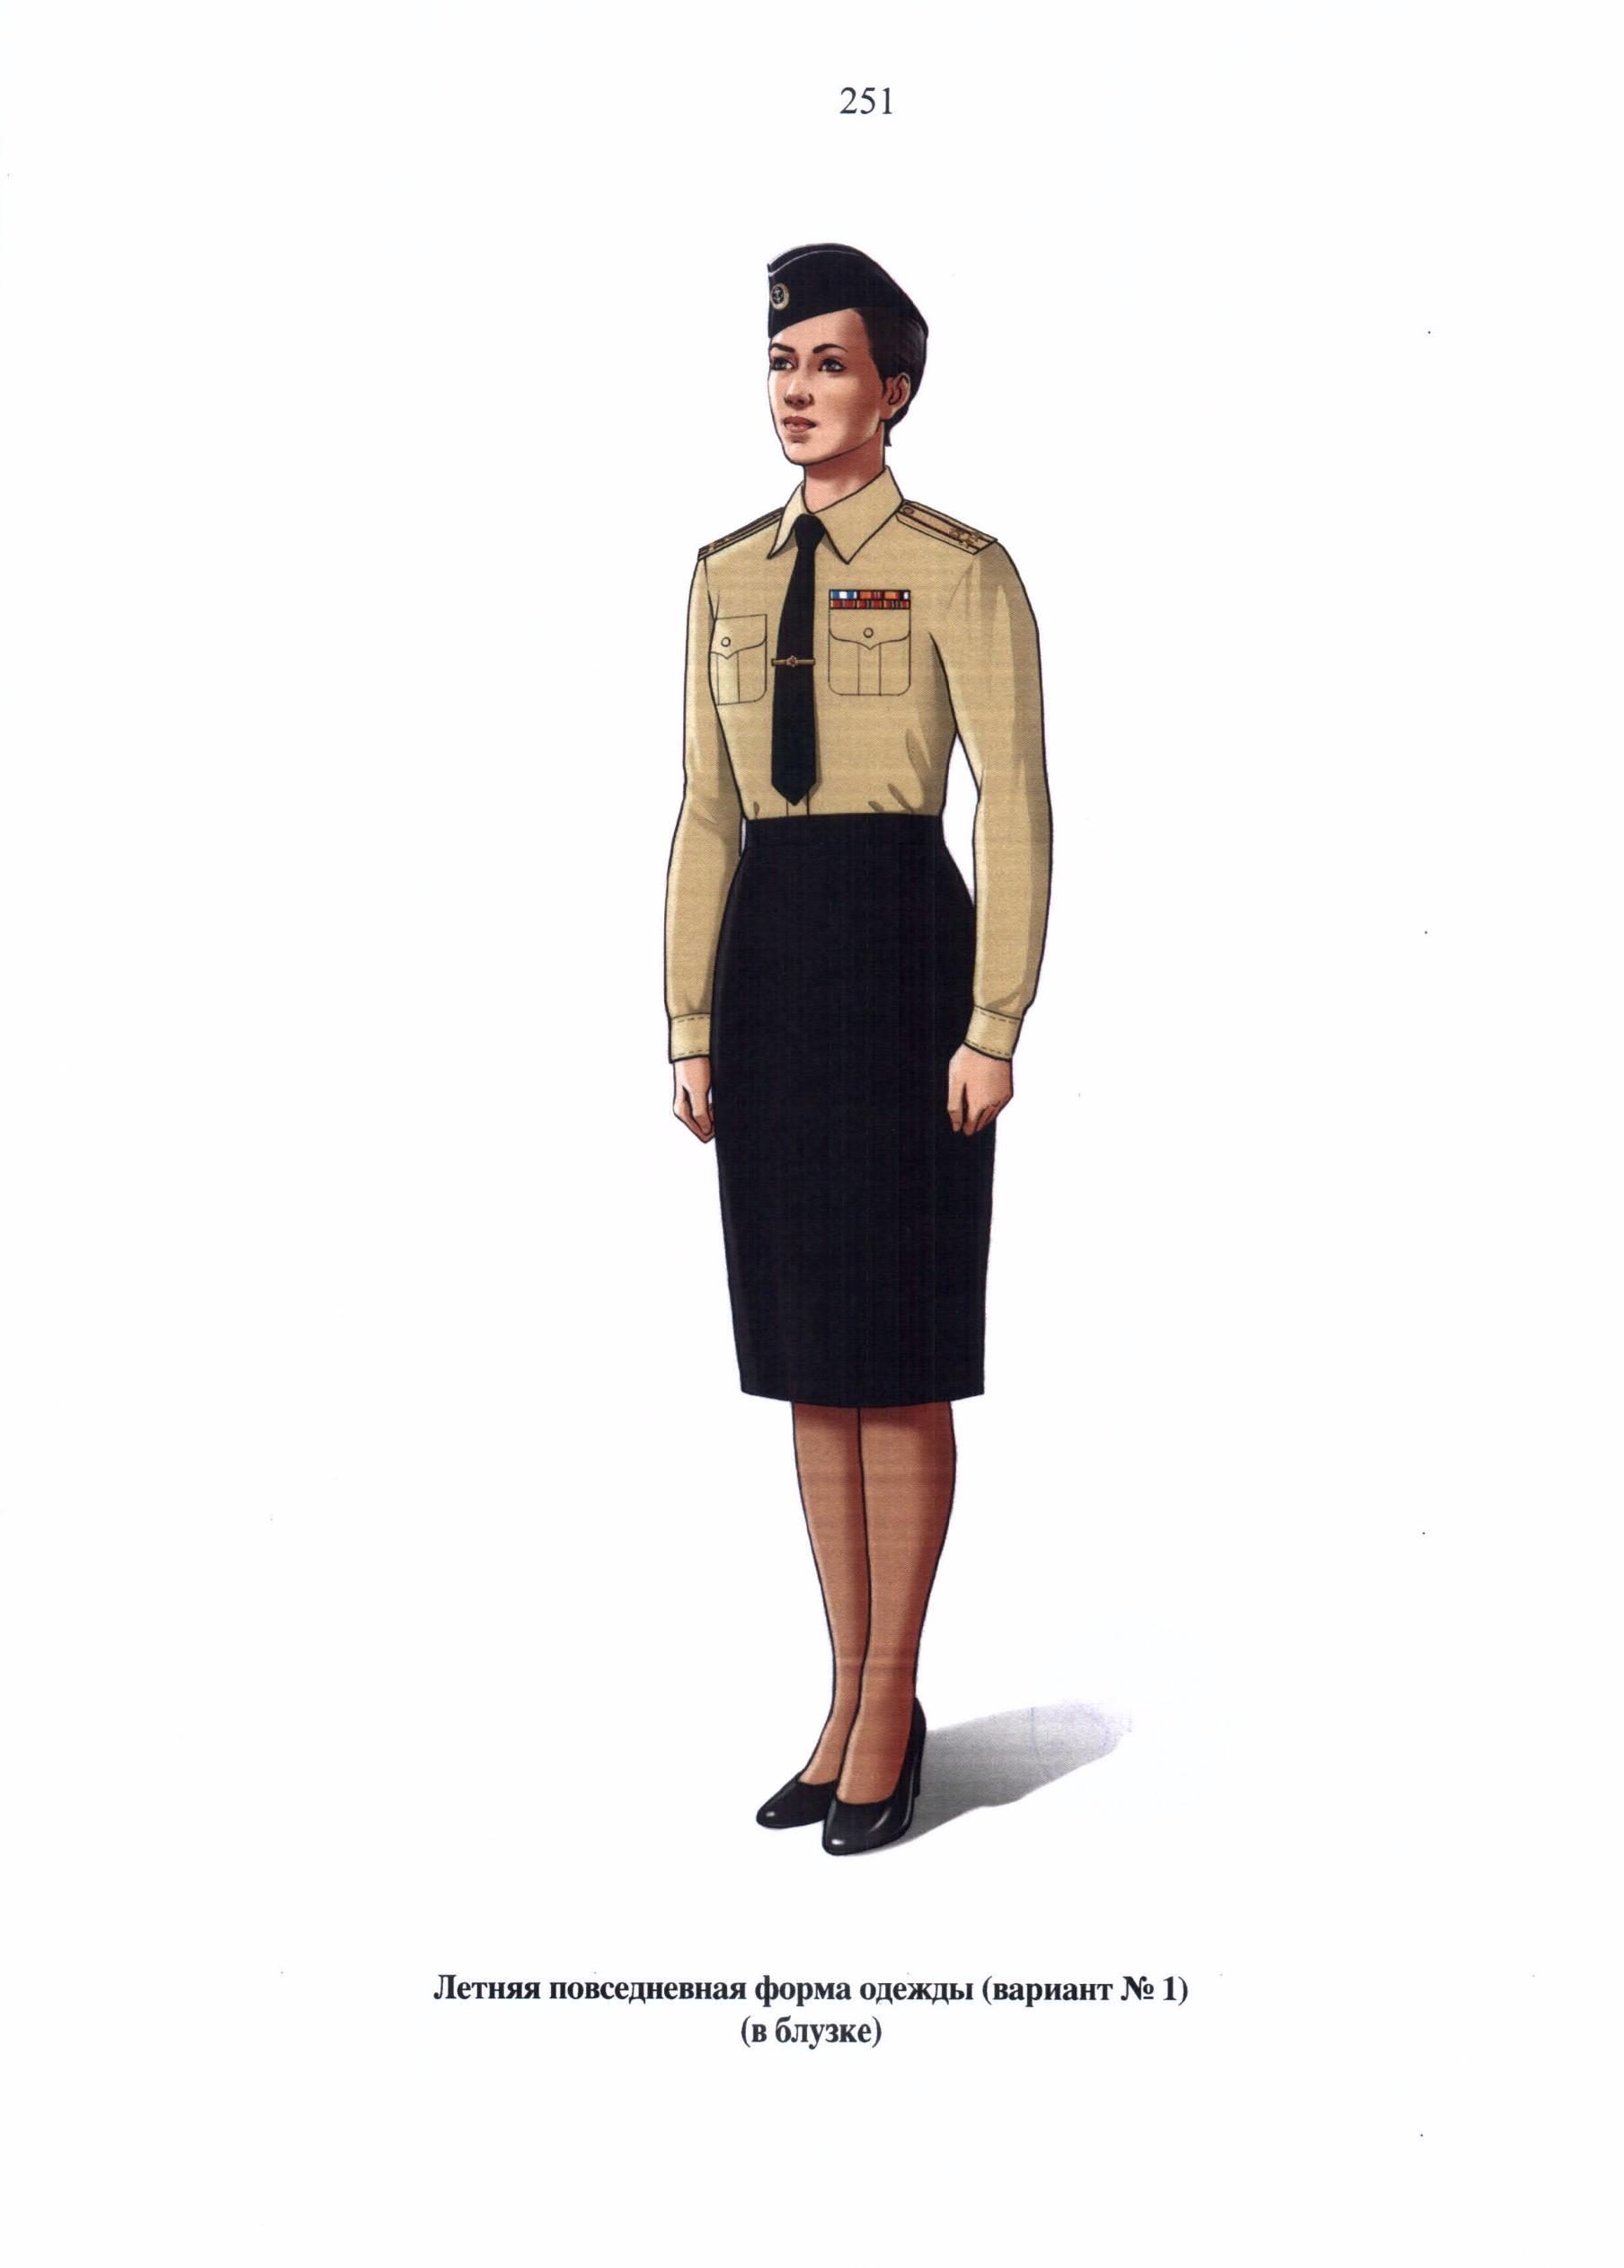 C:\Users\User\Desktop\Приказ МО РФ от 22.06.2015 г. № 300 Правила ношения военной формы одежды\183812.JPG